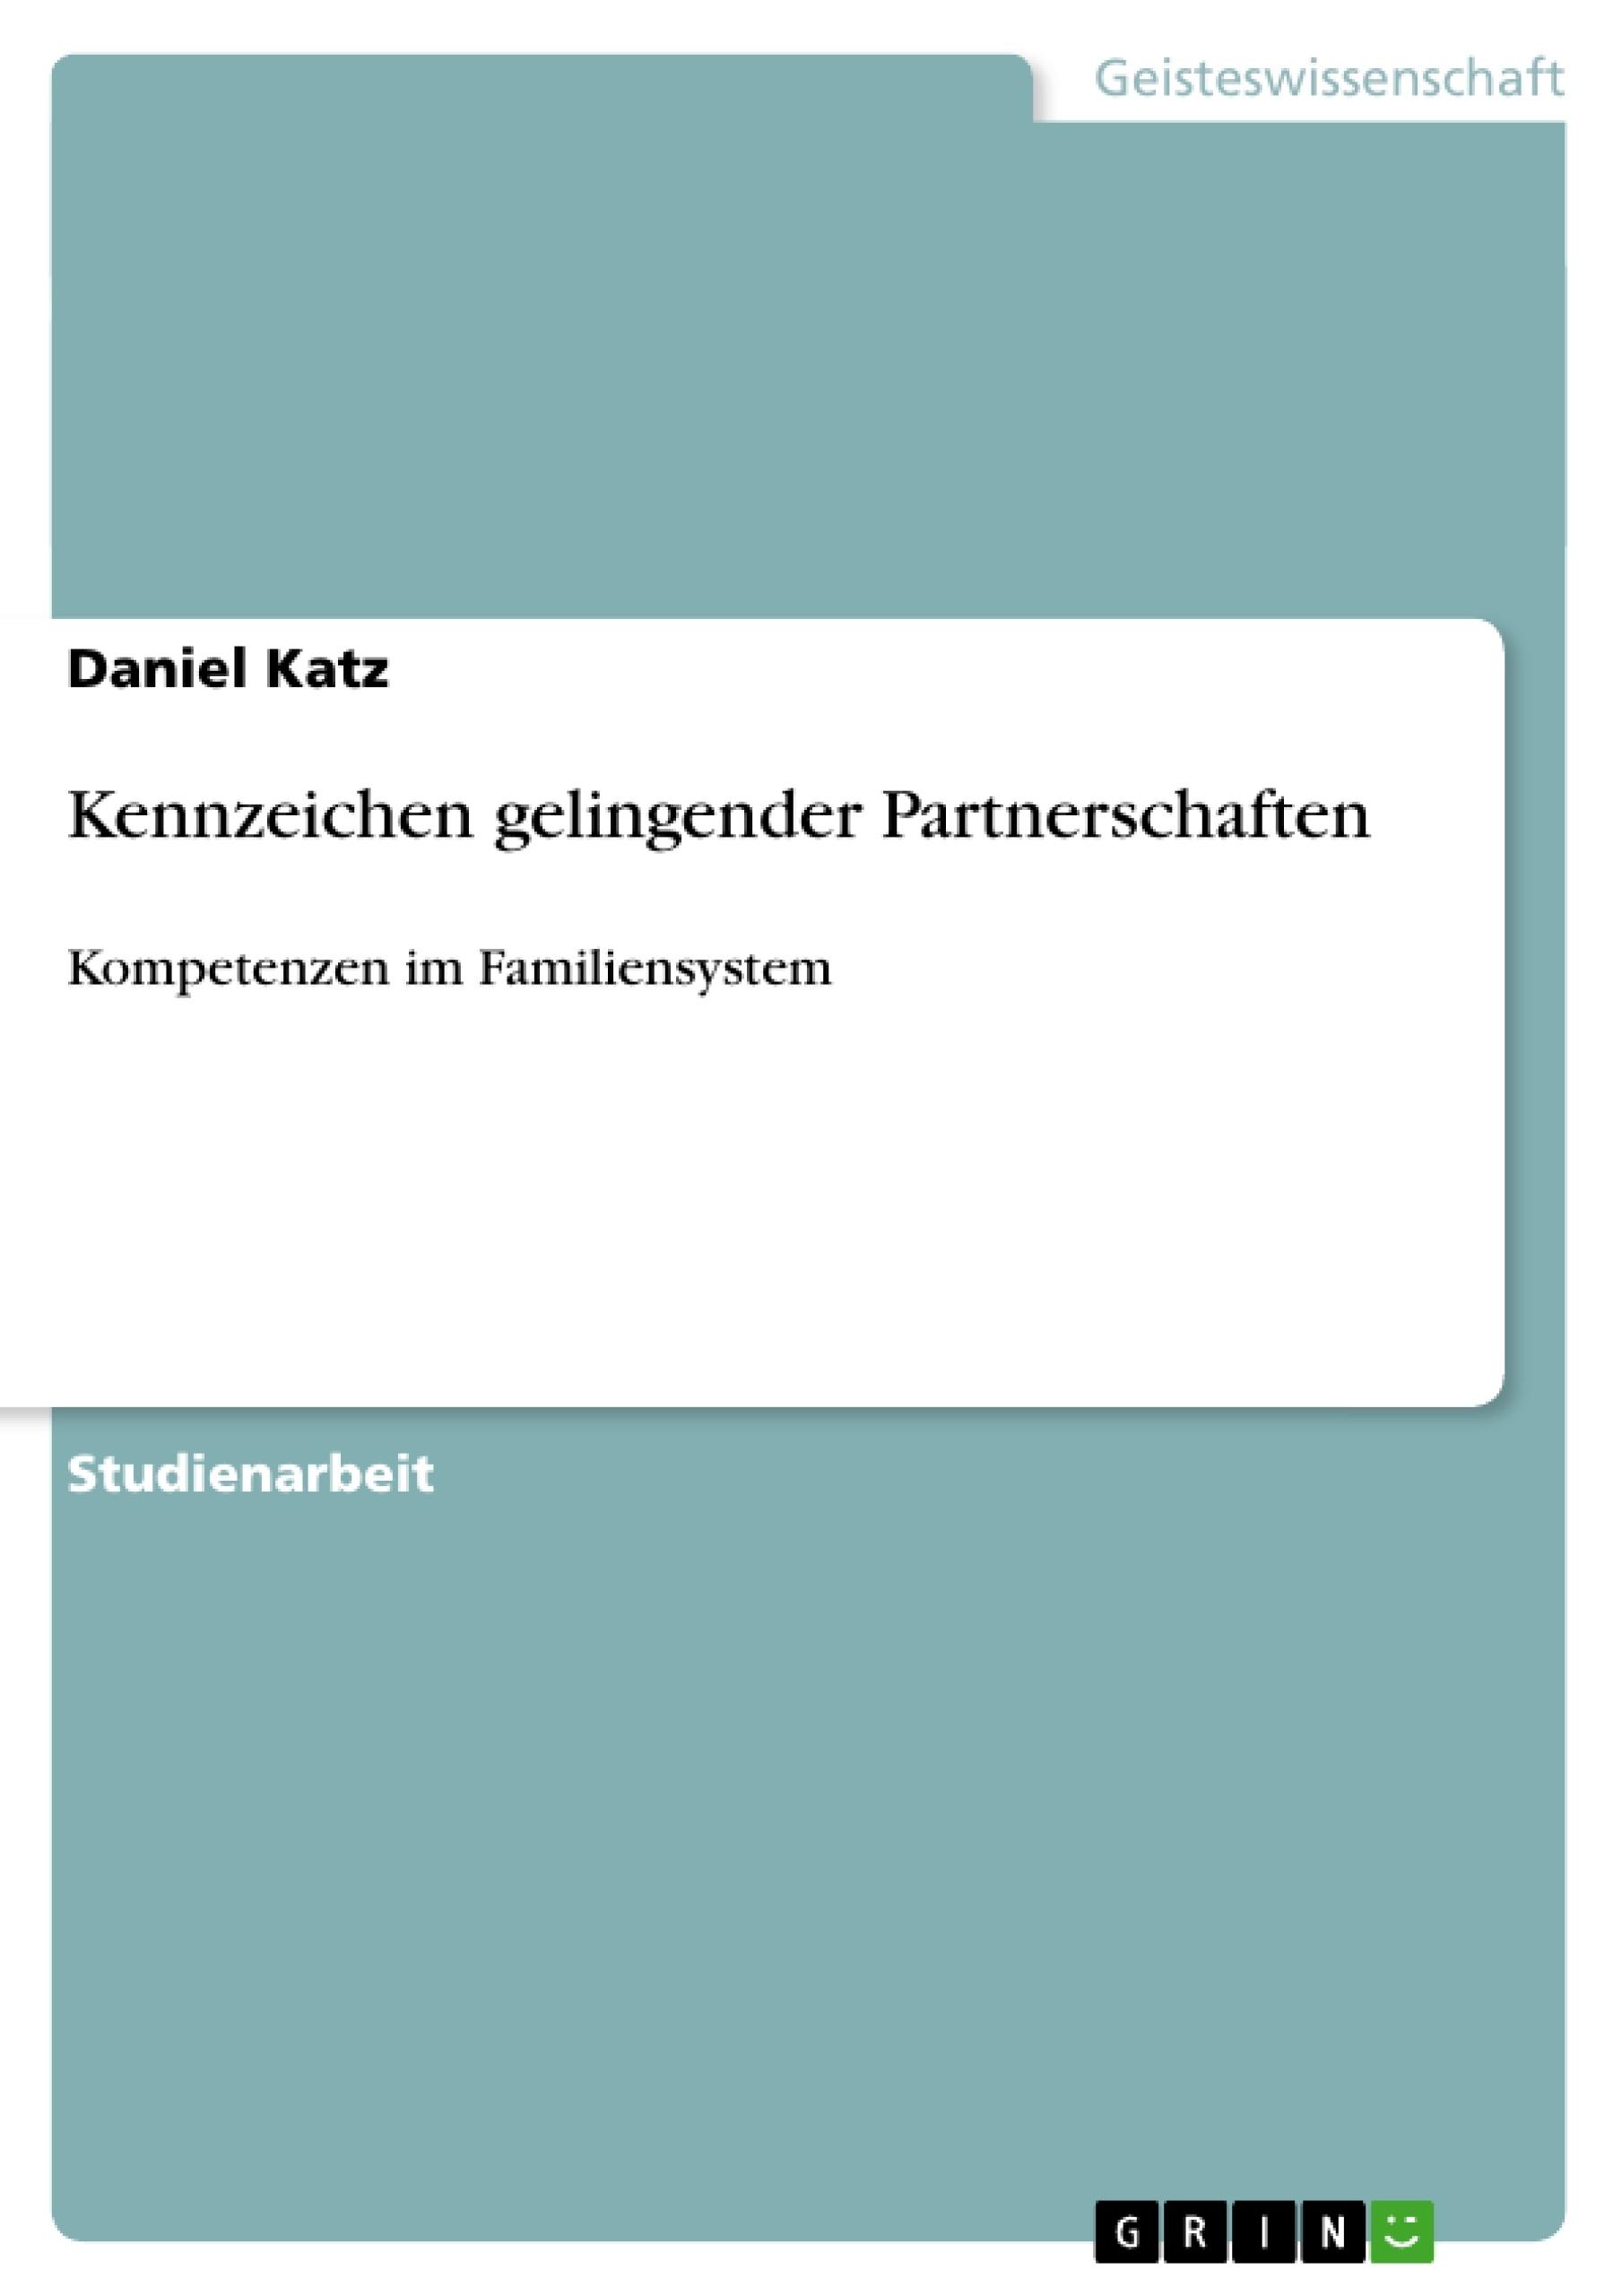 Titel: Kennzeichen gelingender Partnerschaften